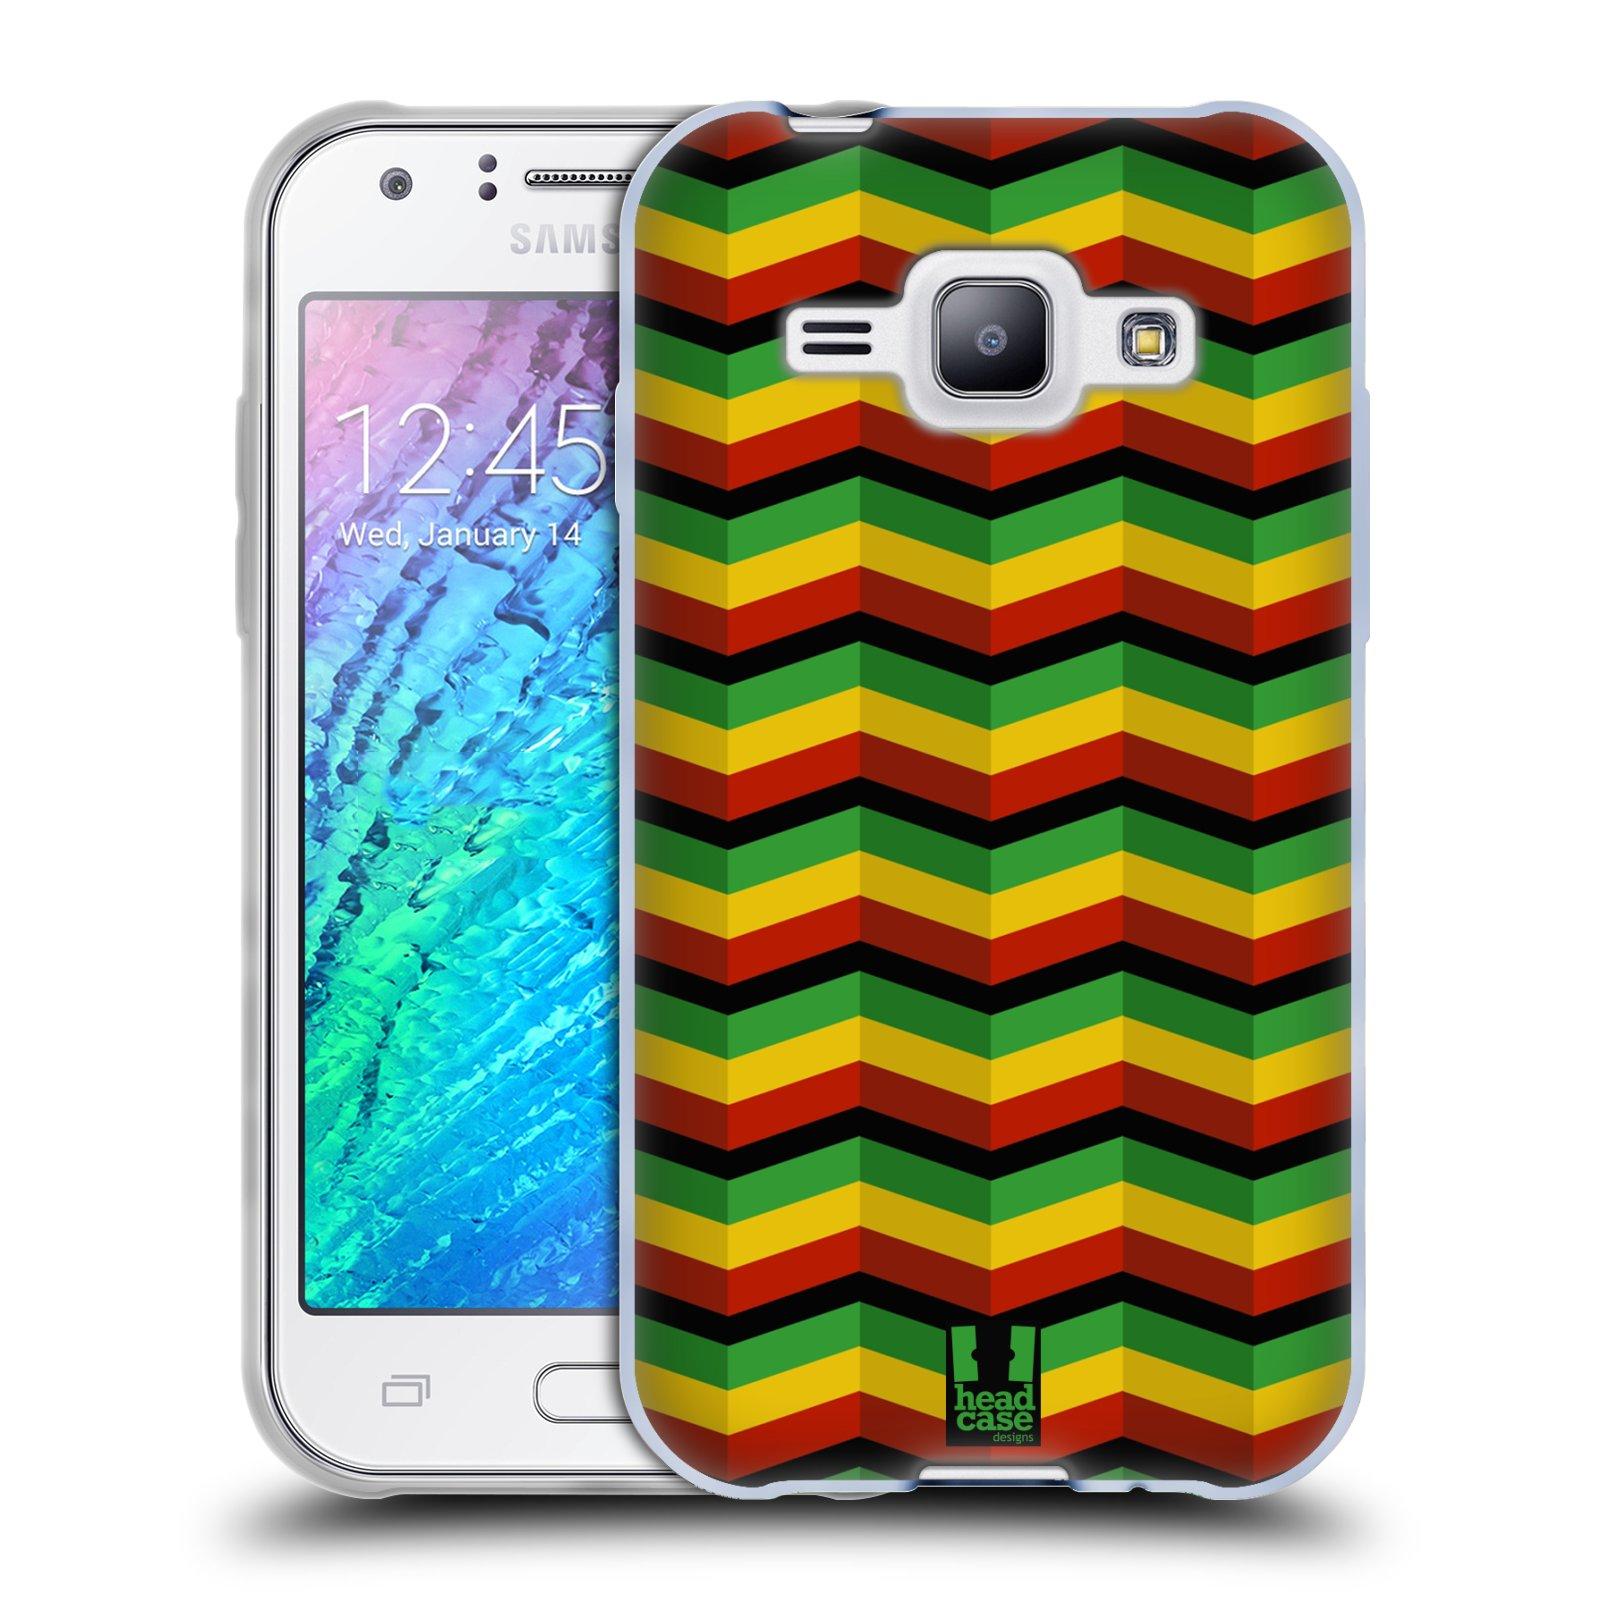 Silikonové pouzdro na mobil Samsung Galaxy J1 HEAD CASE RASTA CHEVRON (Silikonový kryt či obal na mobilní telefon Samsung Galaxy J1 a J1 Duos)